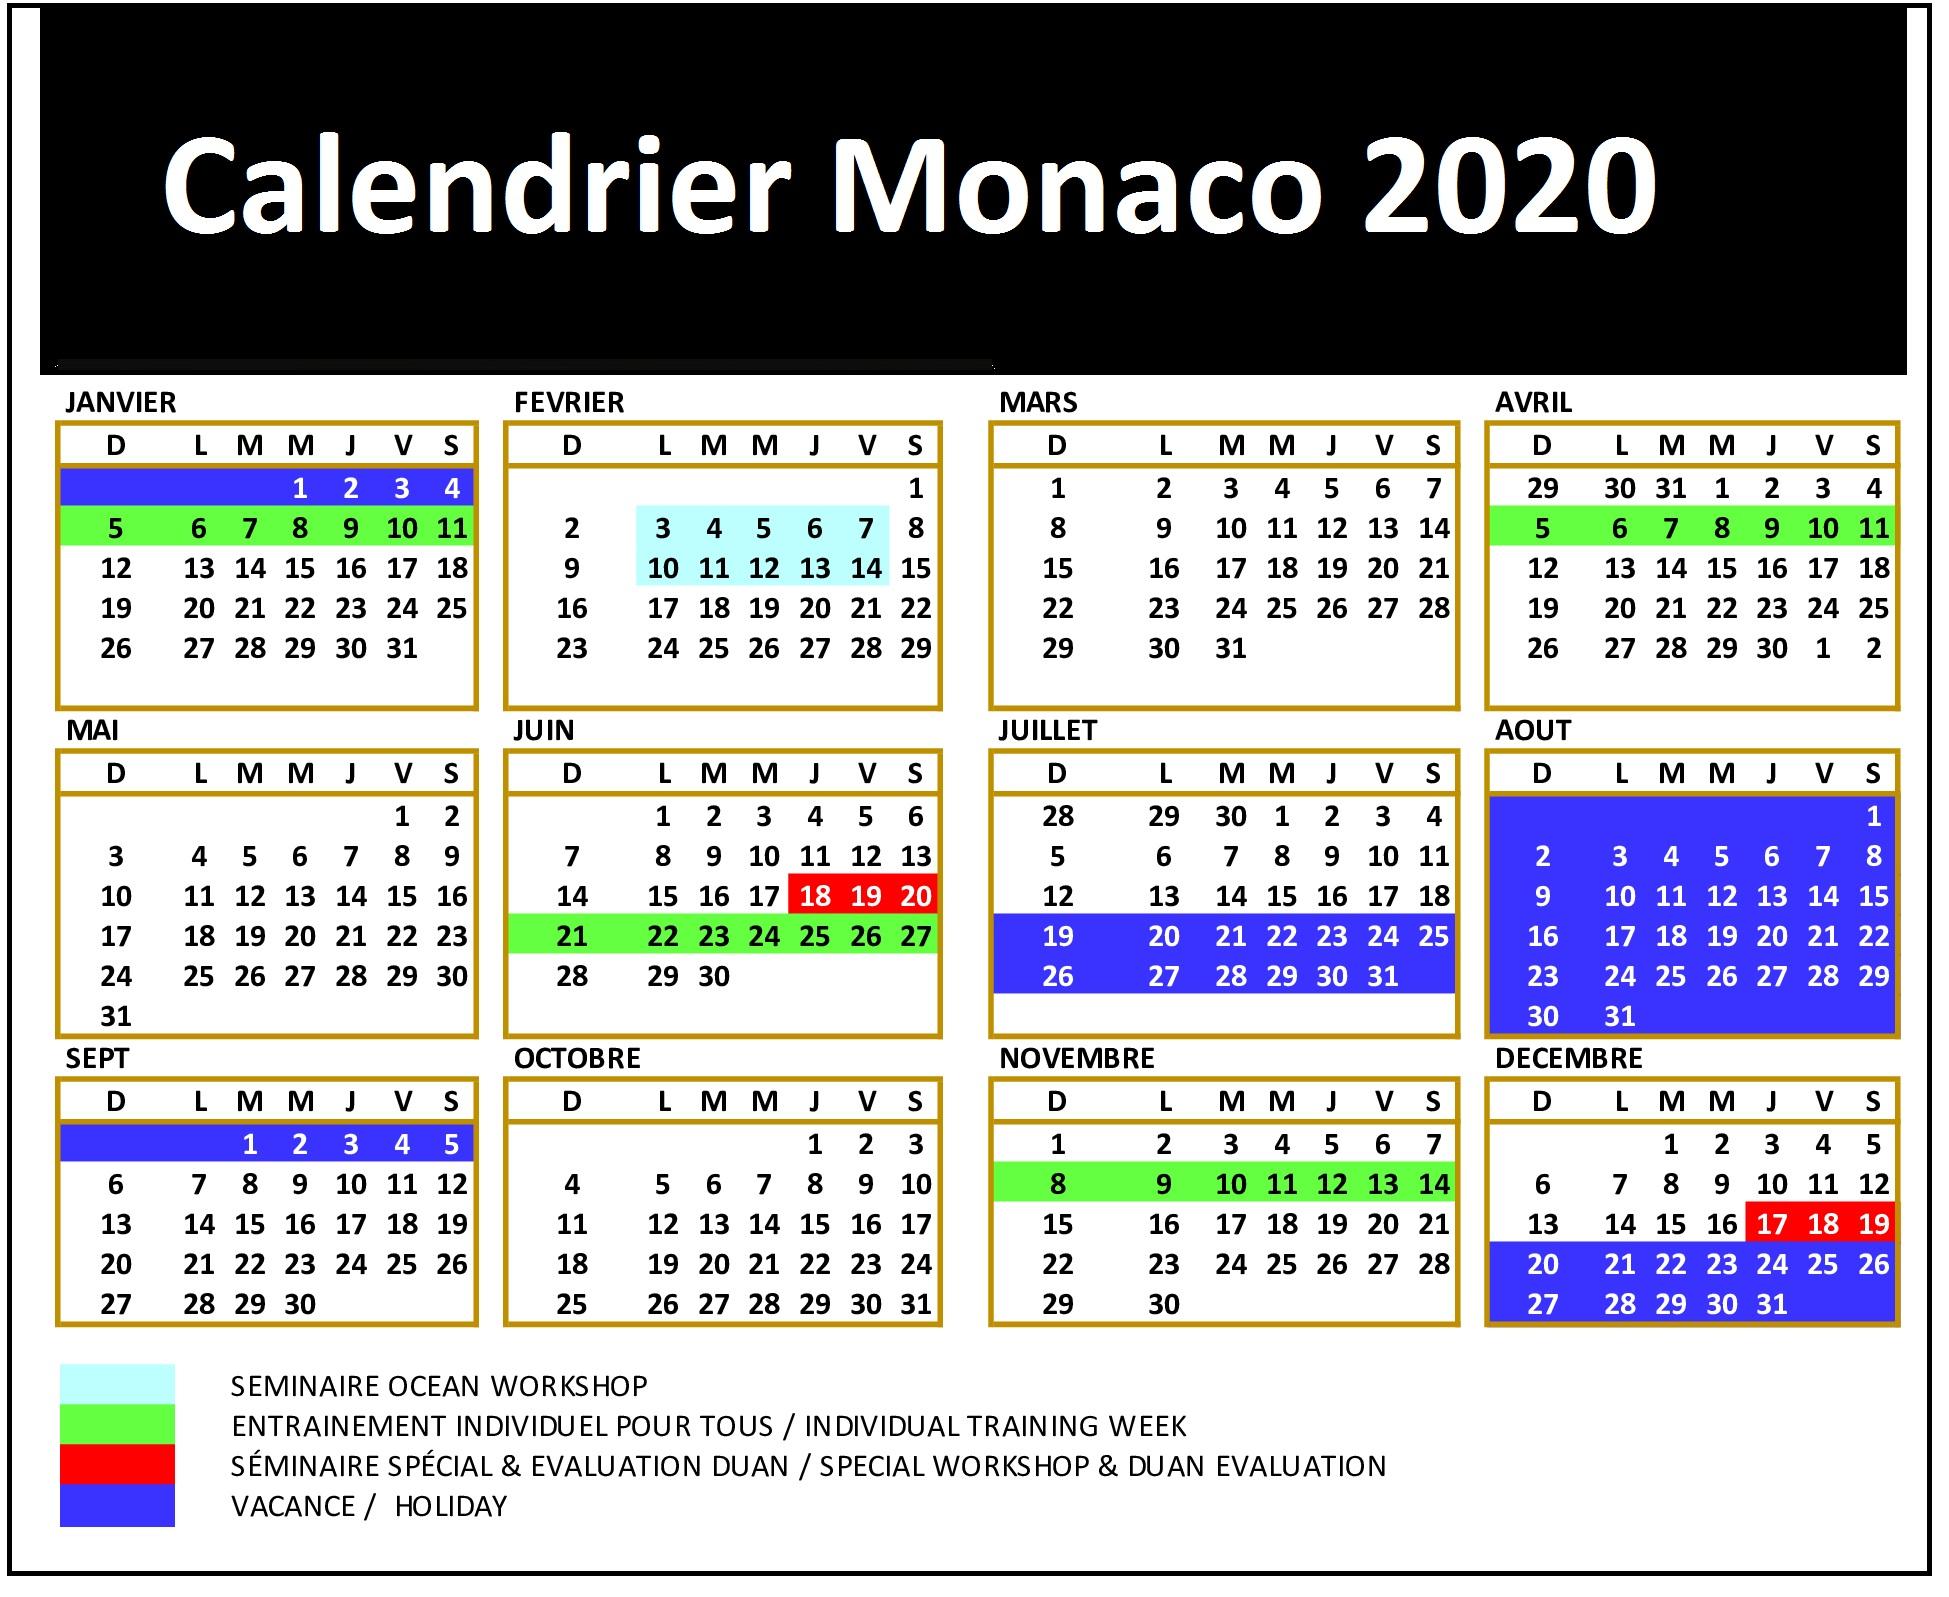 Calendrier Match Monaco 2020